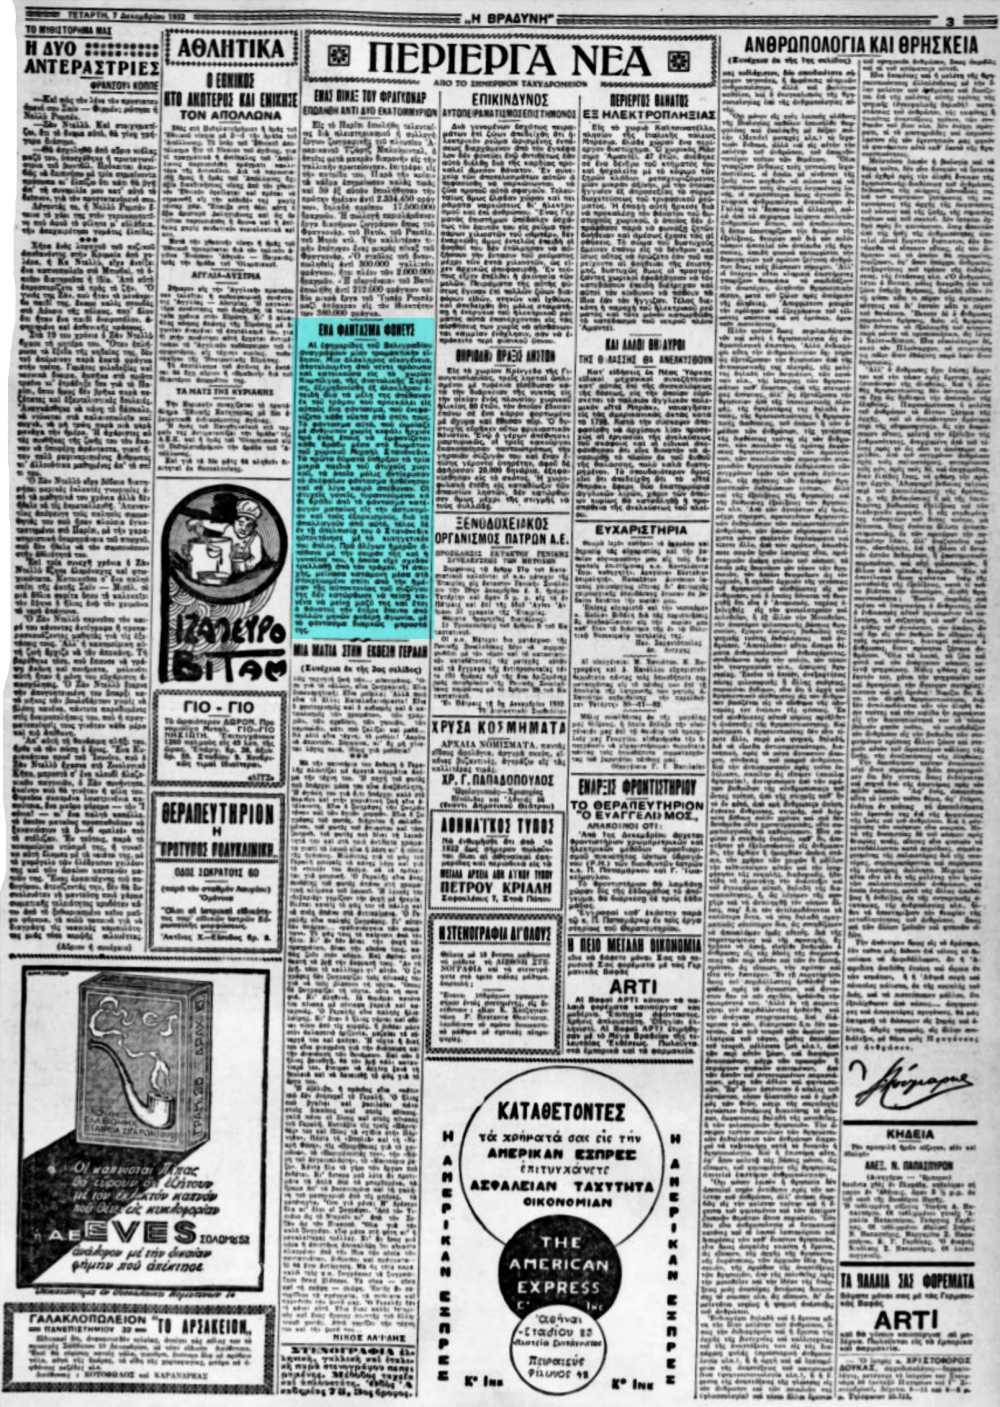 """Το άρθρο, όπως δημοσιεύθηκε στην εφημερίδα """"Η ΒΡΑΔΥΝΗ"""", στις 07/12/1932"""